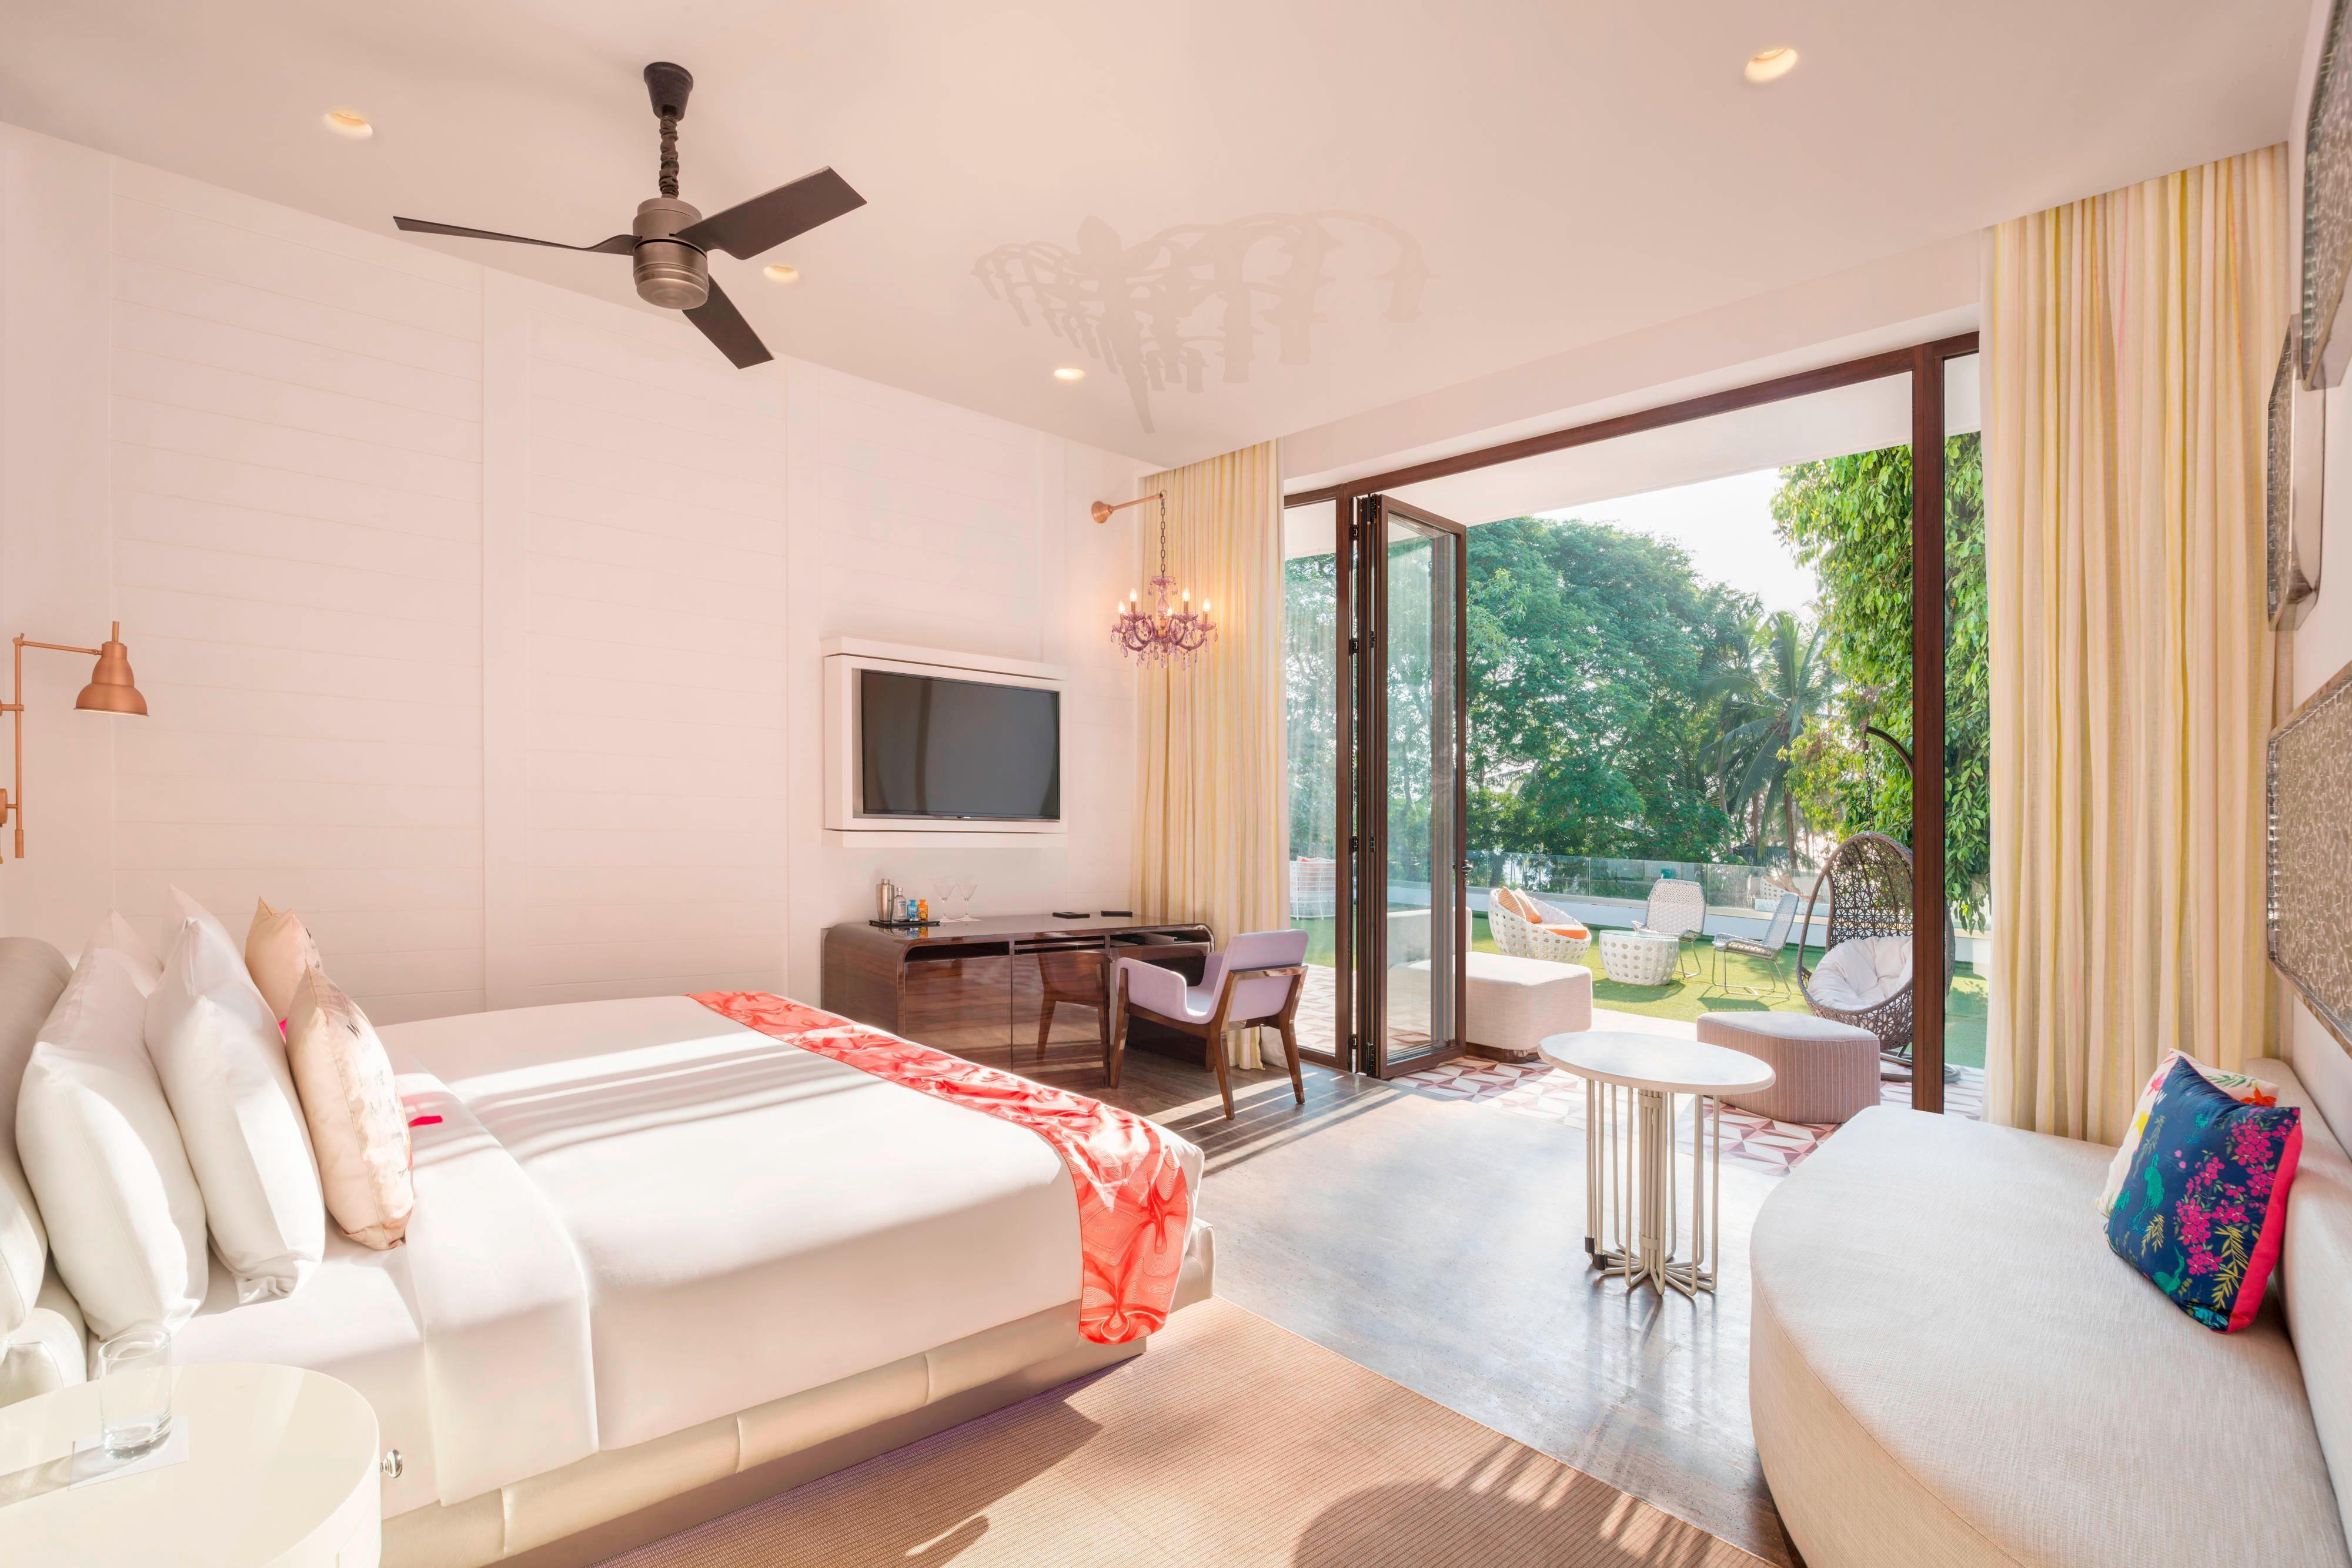 Spectacular Bedroom